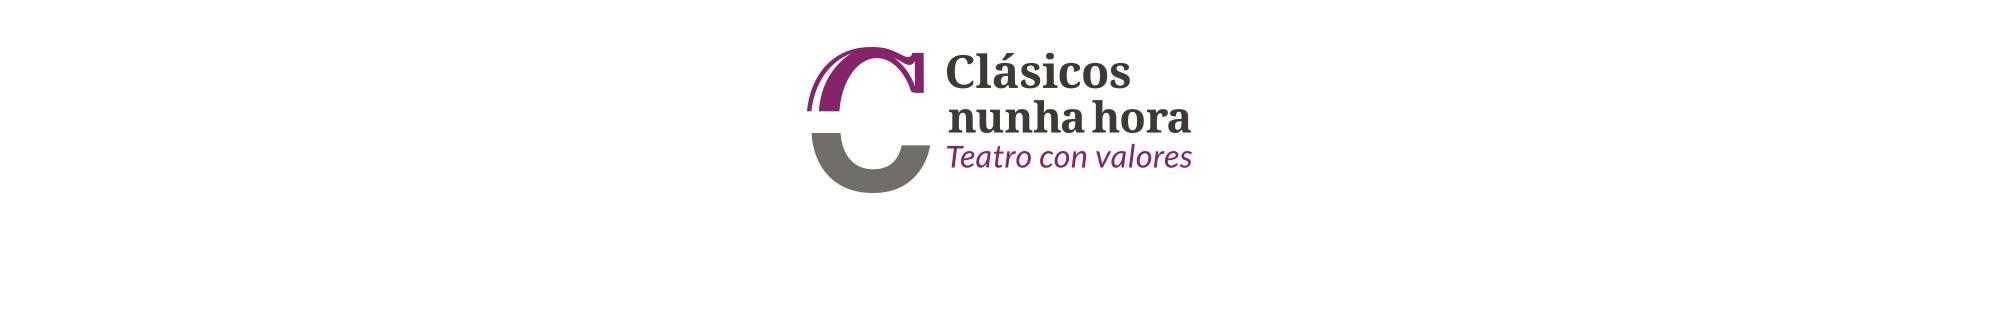 Identidad corporativa para compañía de teatro gallego formado por un símbolo y un logotipo con tipografía clásica pero actual